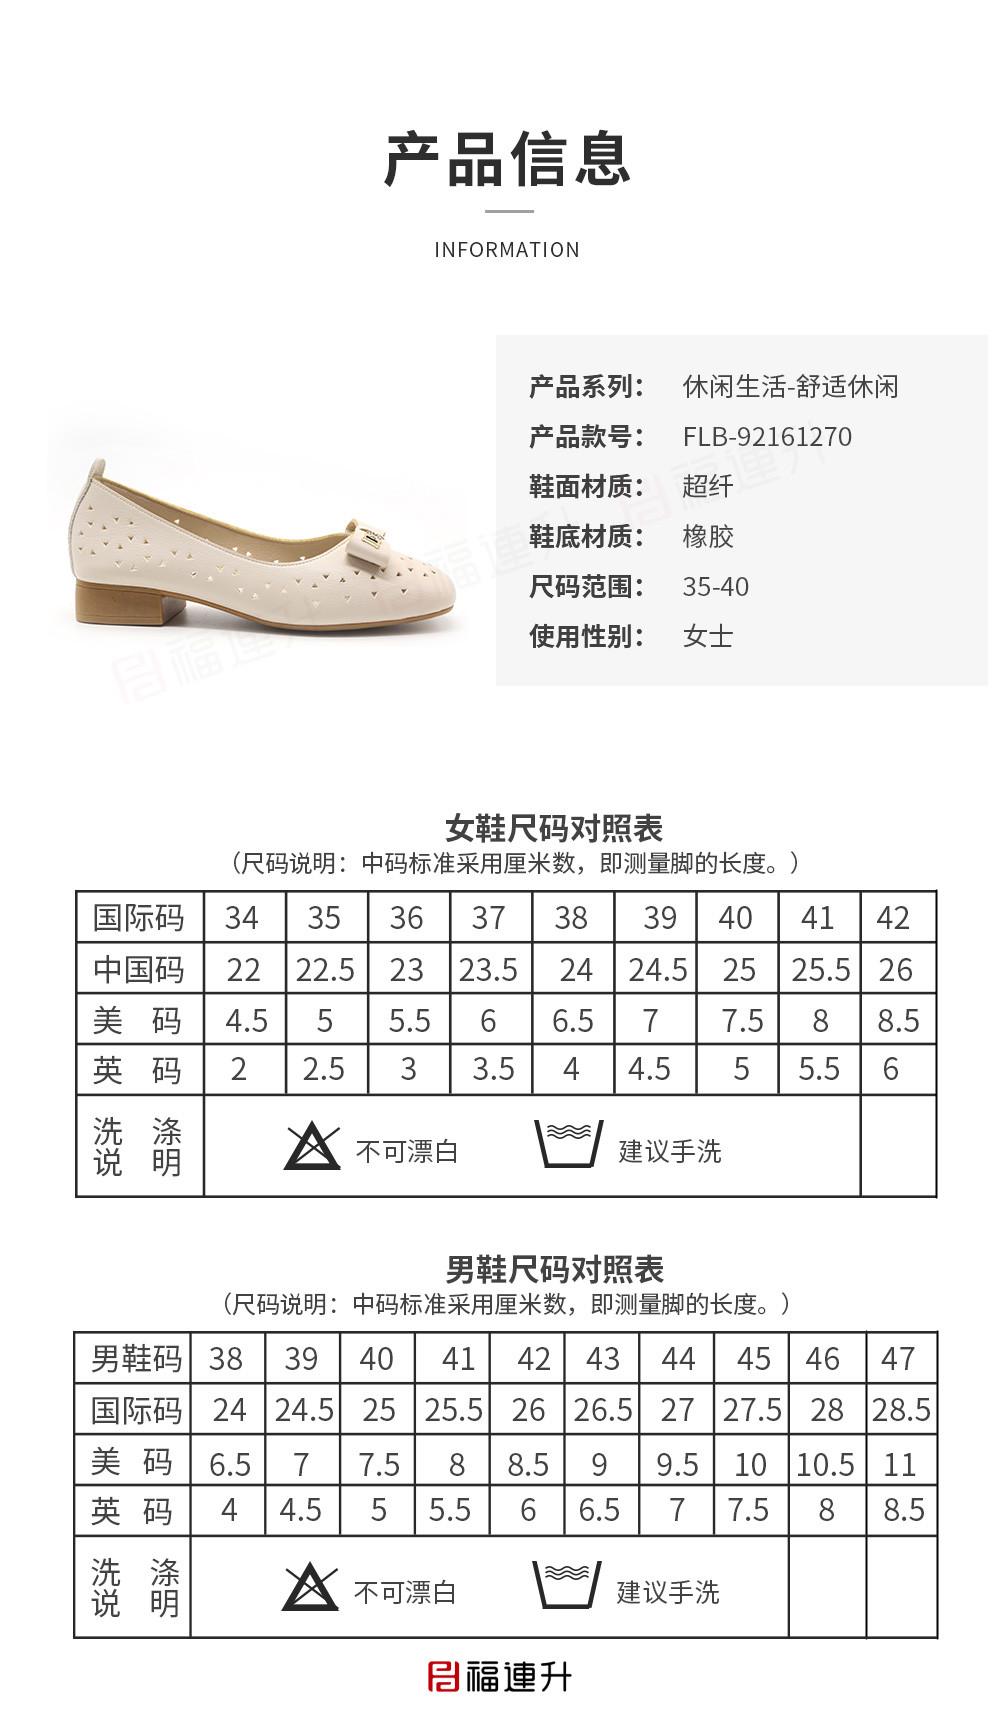 福连升夏季浅口女粗跟镂空洞洞鞋中底跟舒适休闲女鞋图片